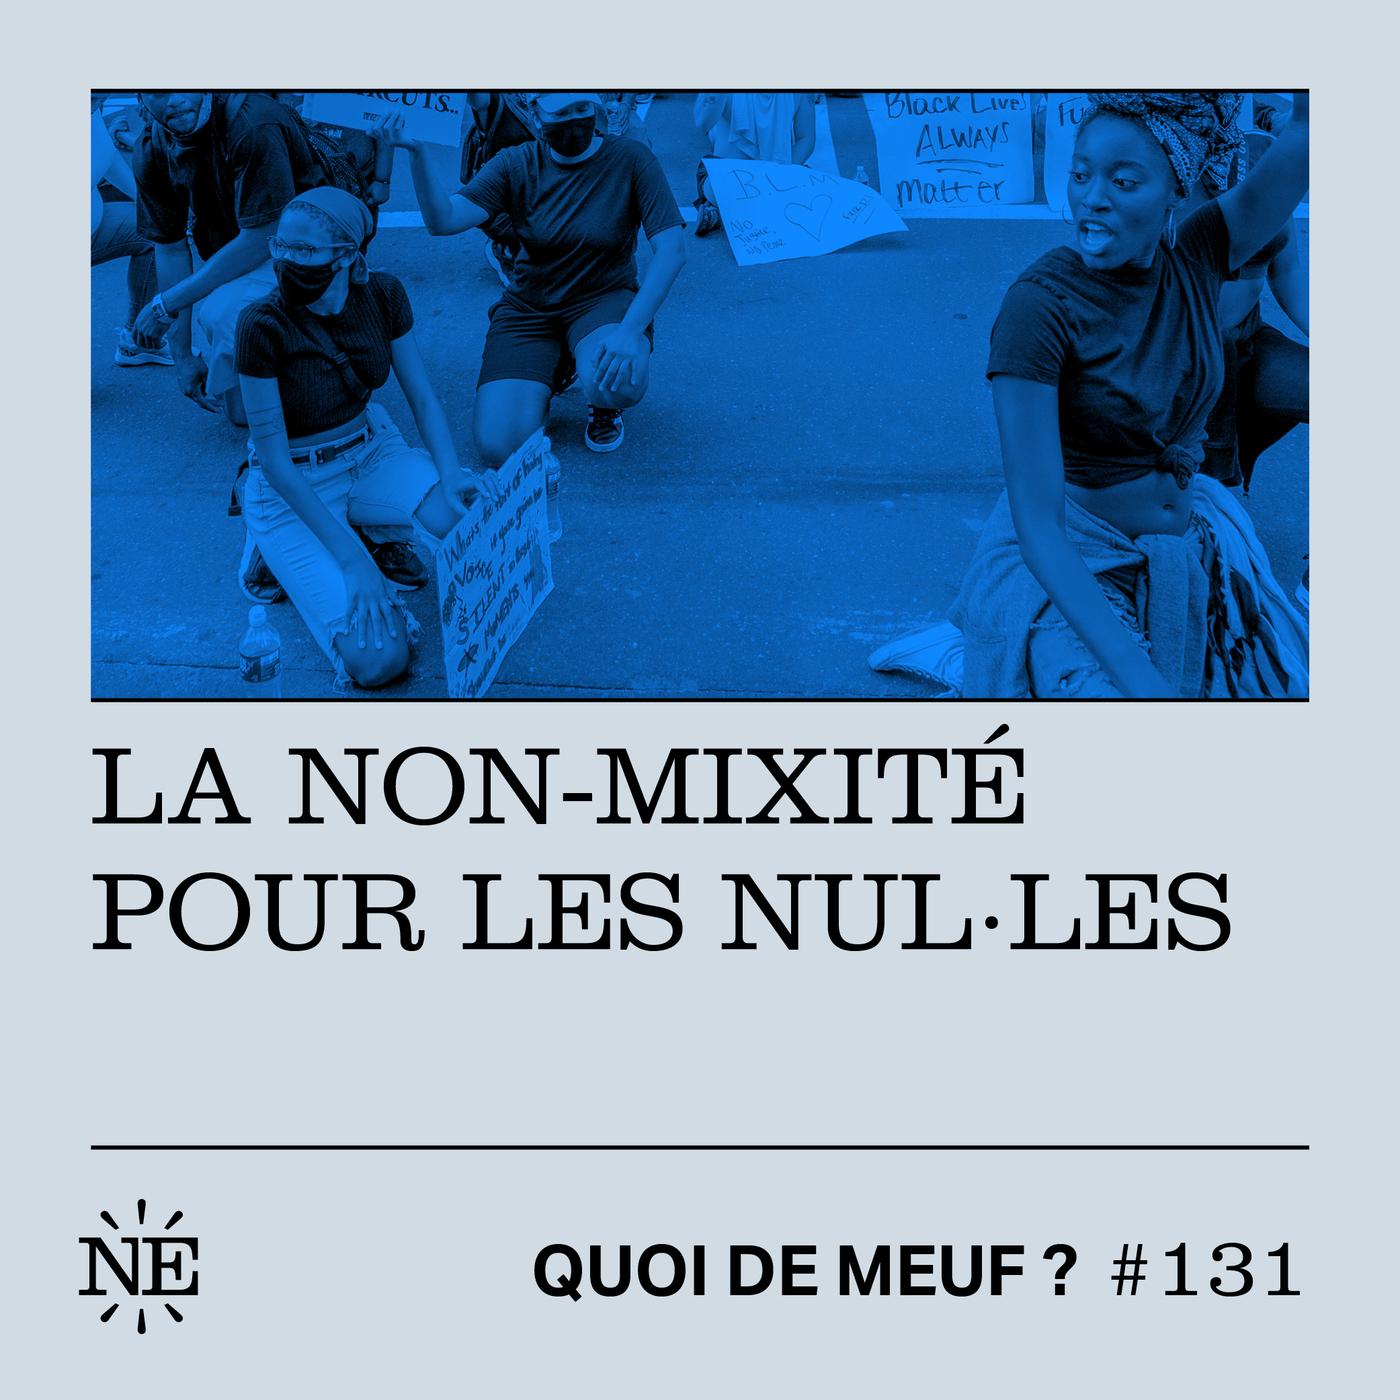 #131 - La non-mixité pour les nul.les